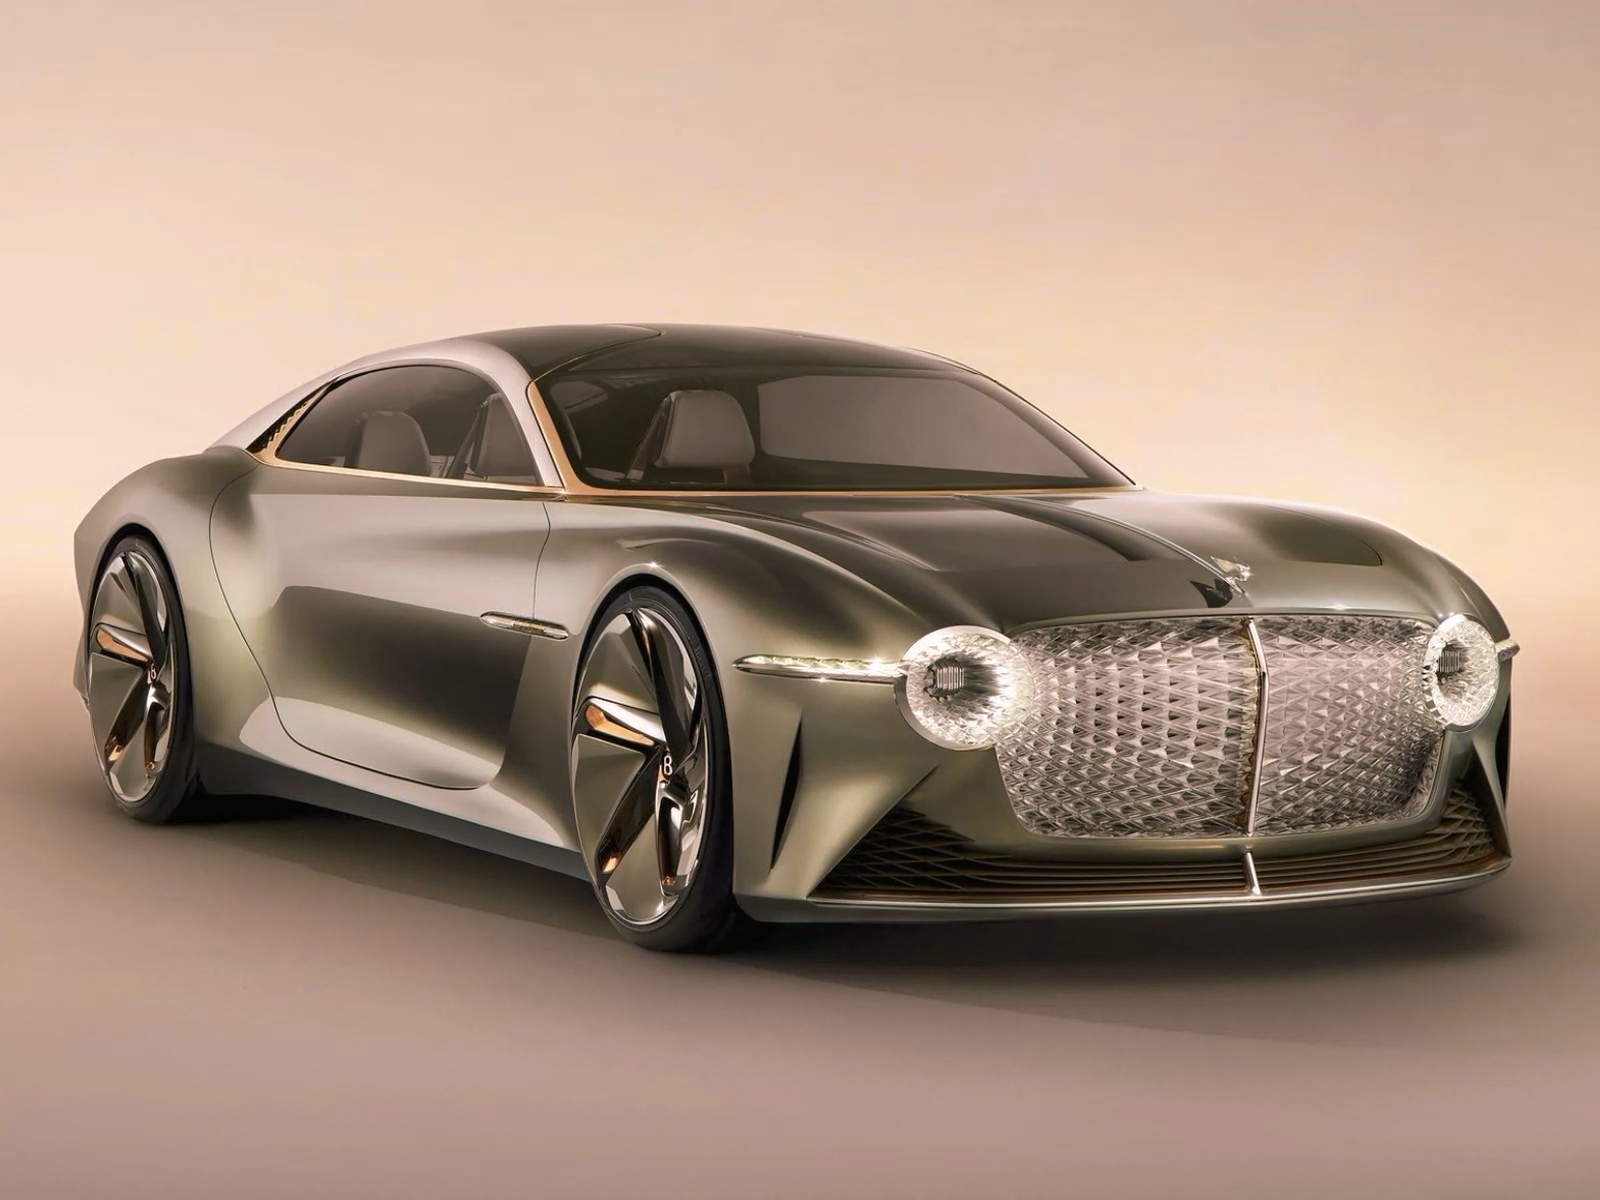 Bentley présente le concept-car électrique EXP 100, écologique et respectueux de l'environnement.